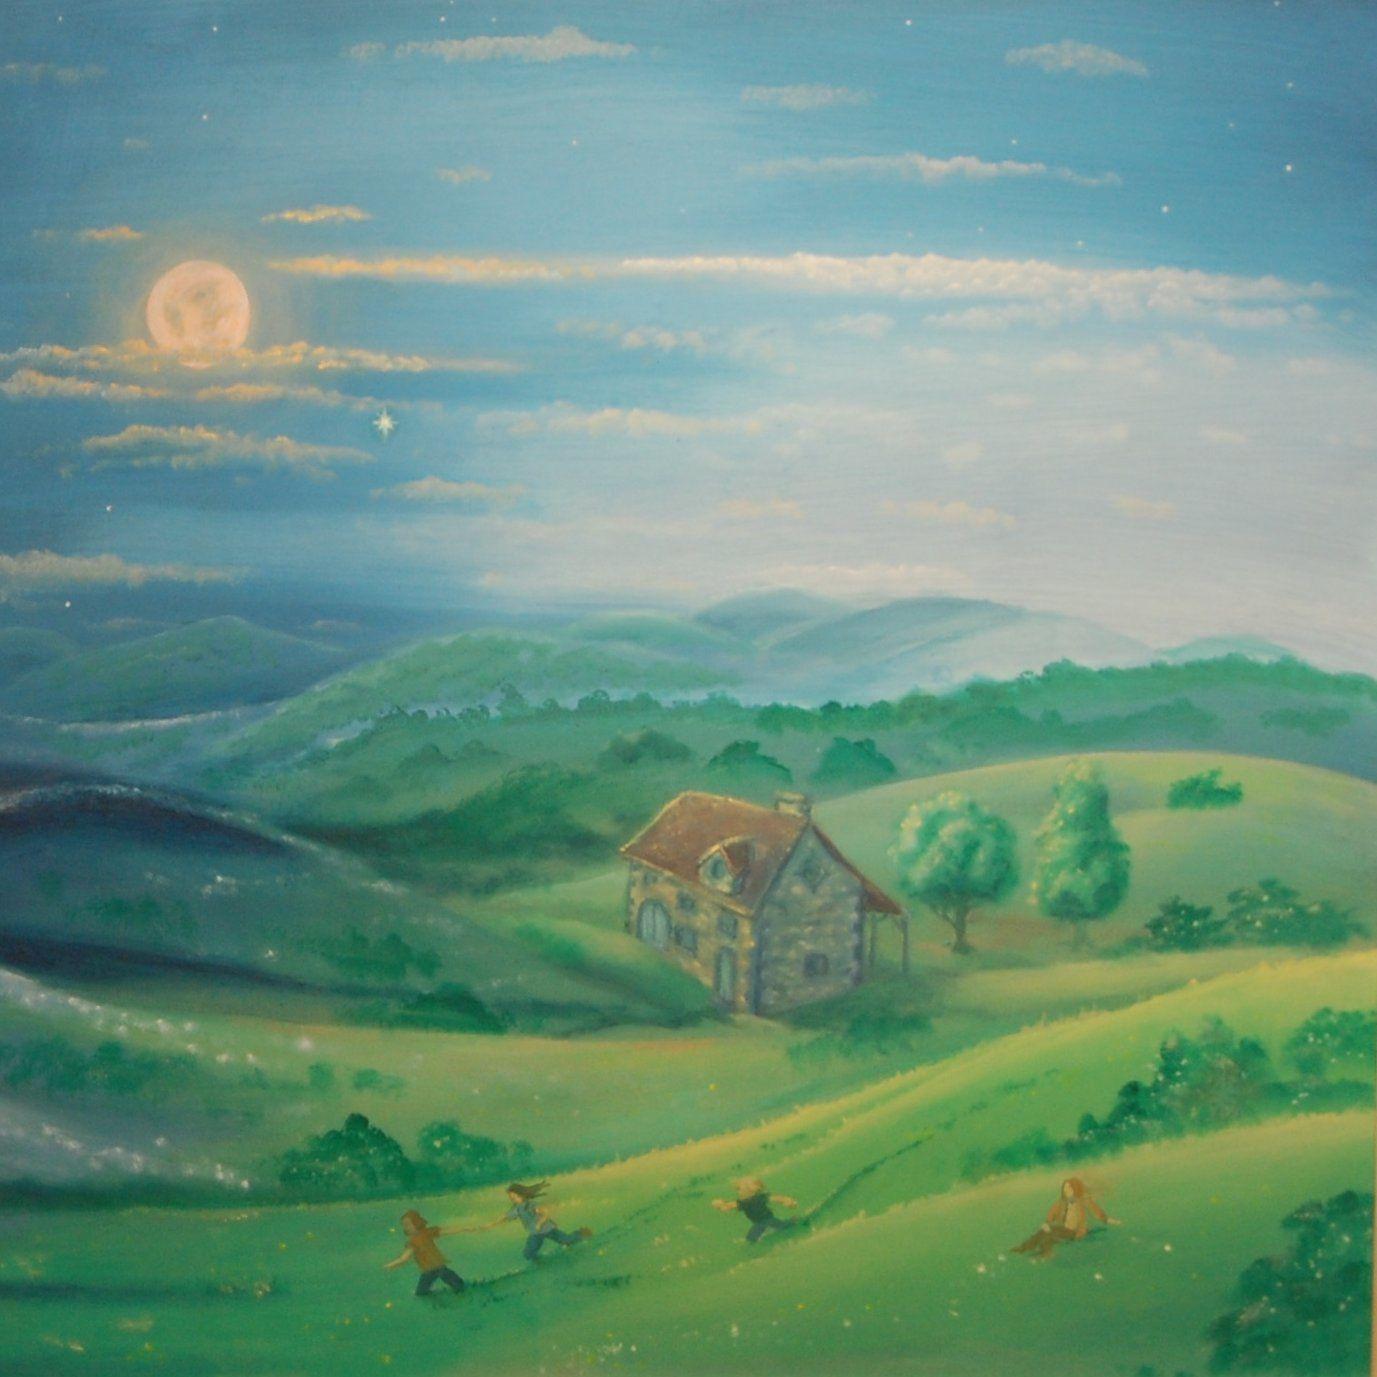 nuit-de-printemps-detail-de-la-peinture-de-Jean-L-copie-1.jpg